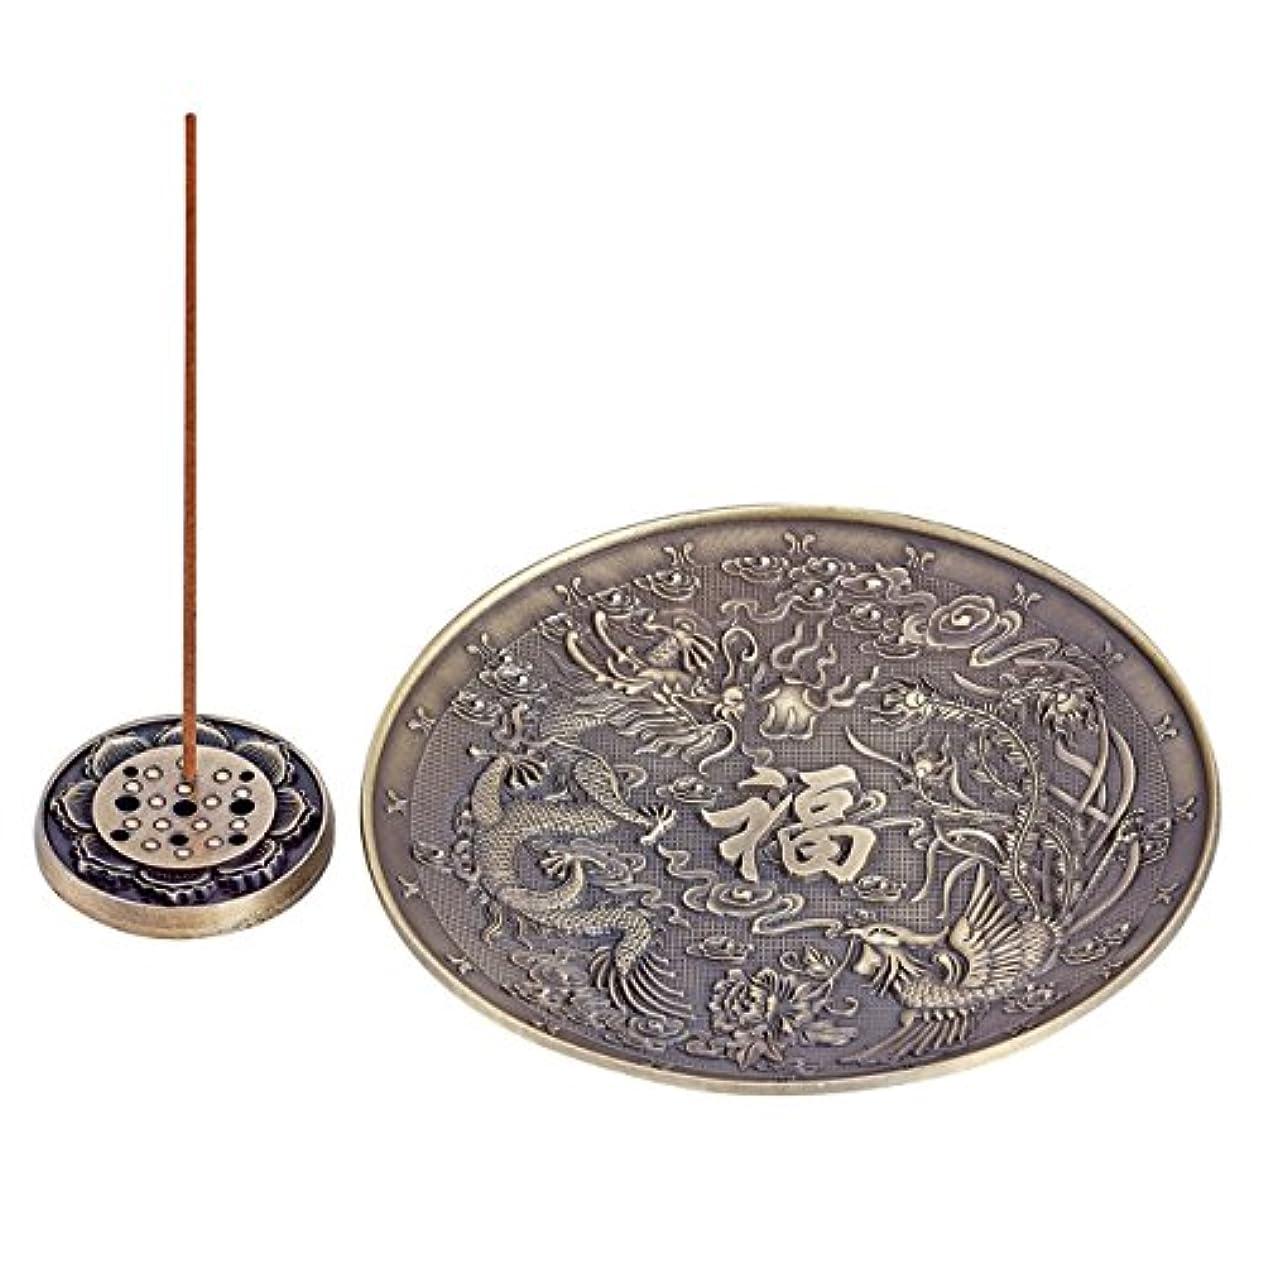 生息地スリチンモイ寸法Uoon Dragon Stick Incense Burnerホルダー、4異なるIncense Holder for Stick Incense、コイルIncense UOON-DRAGON088